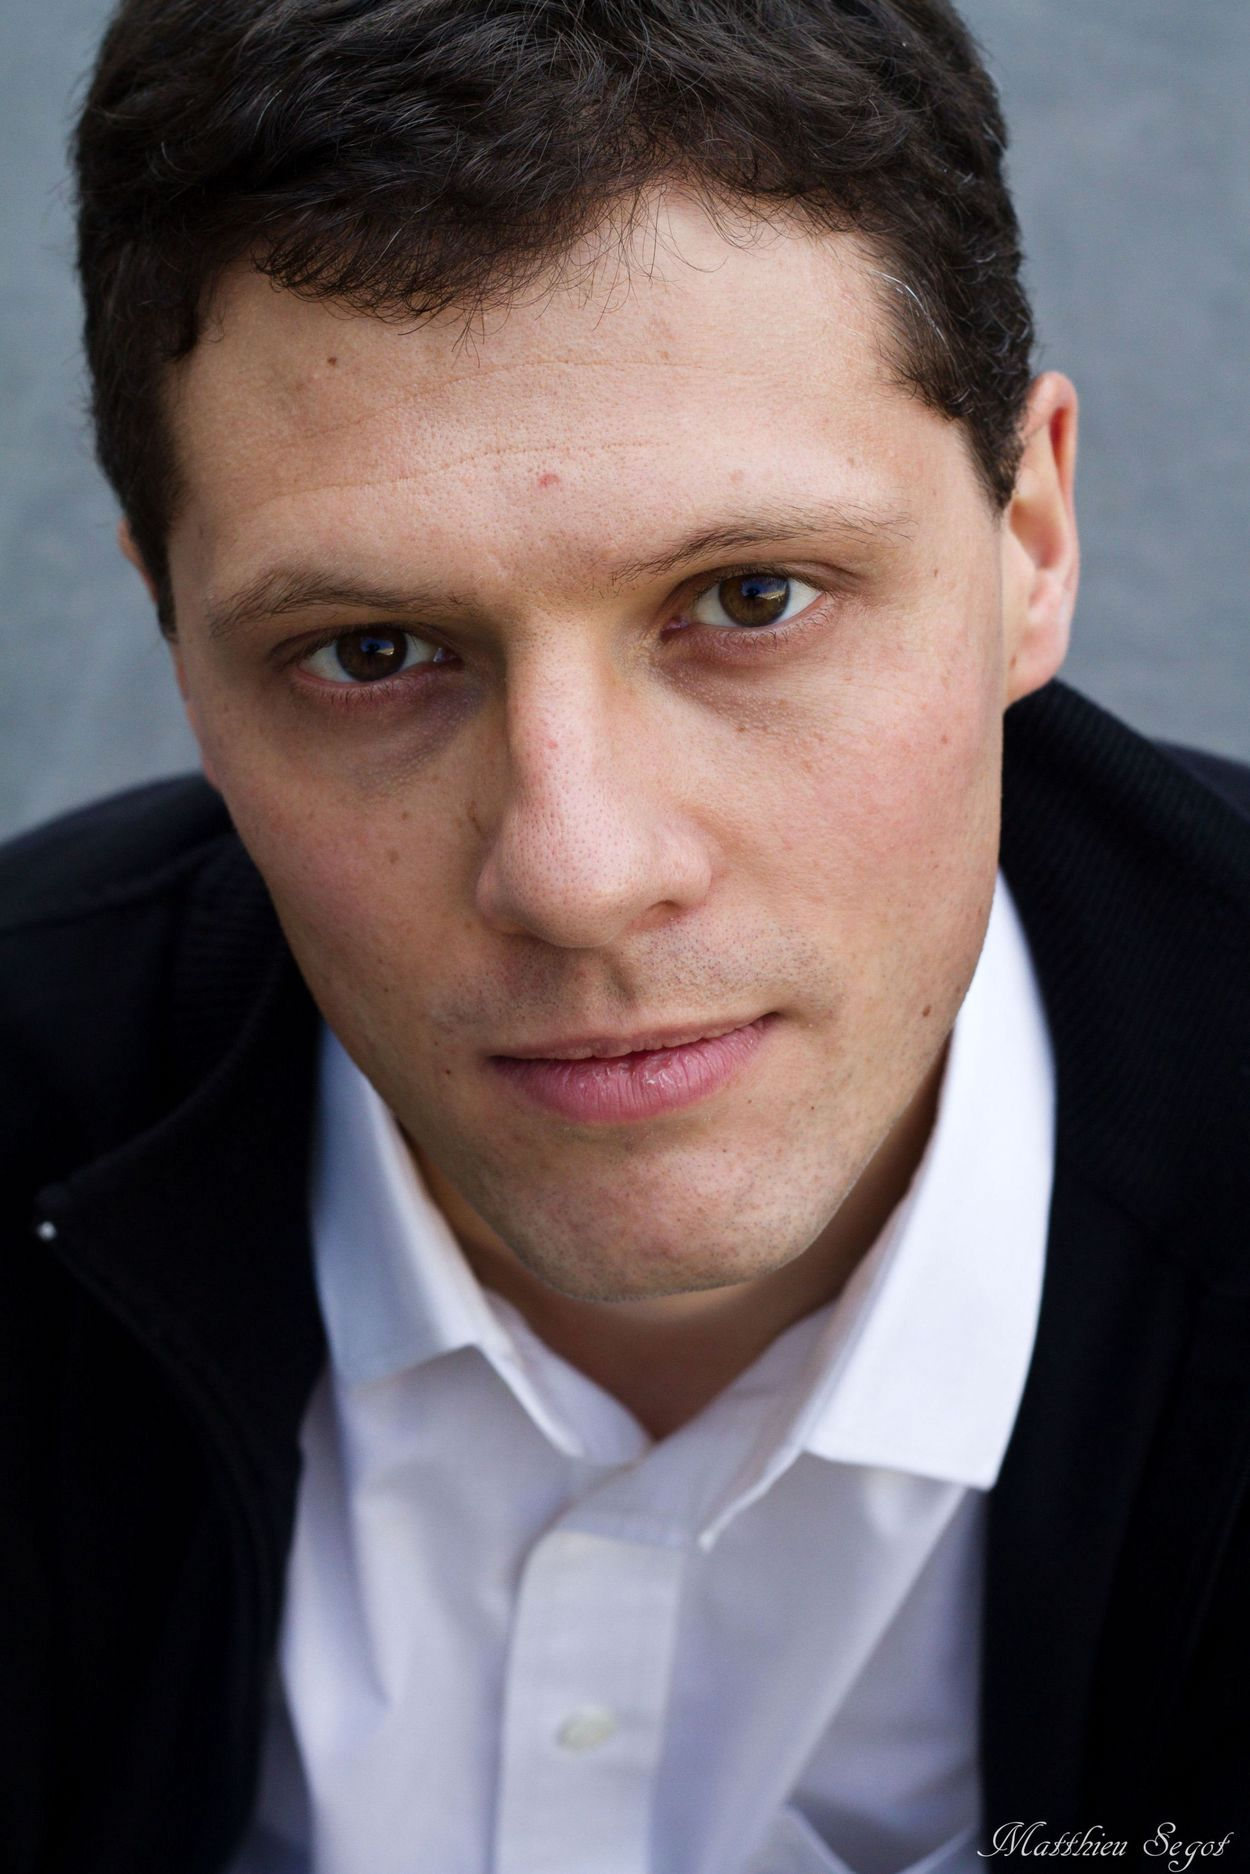 Nicolas Drouet